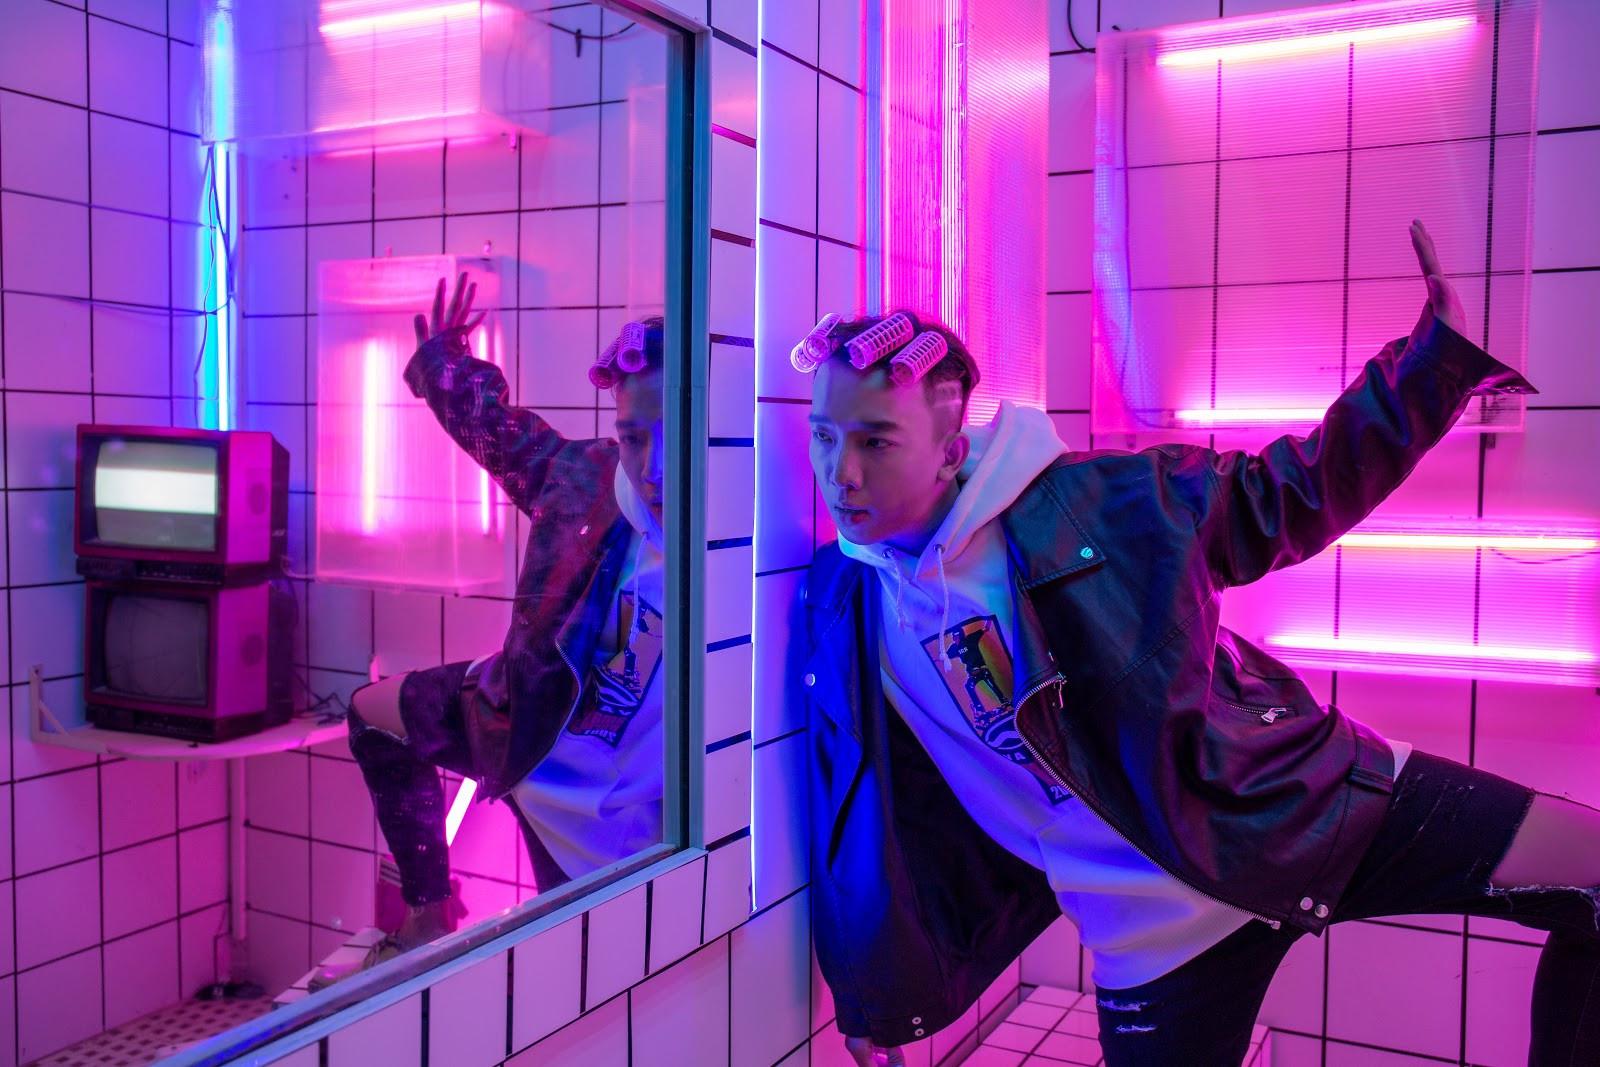 Tân binh Hooligan tung MV về tình yêu khiến FA ghen tị